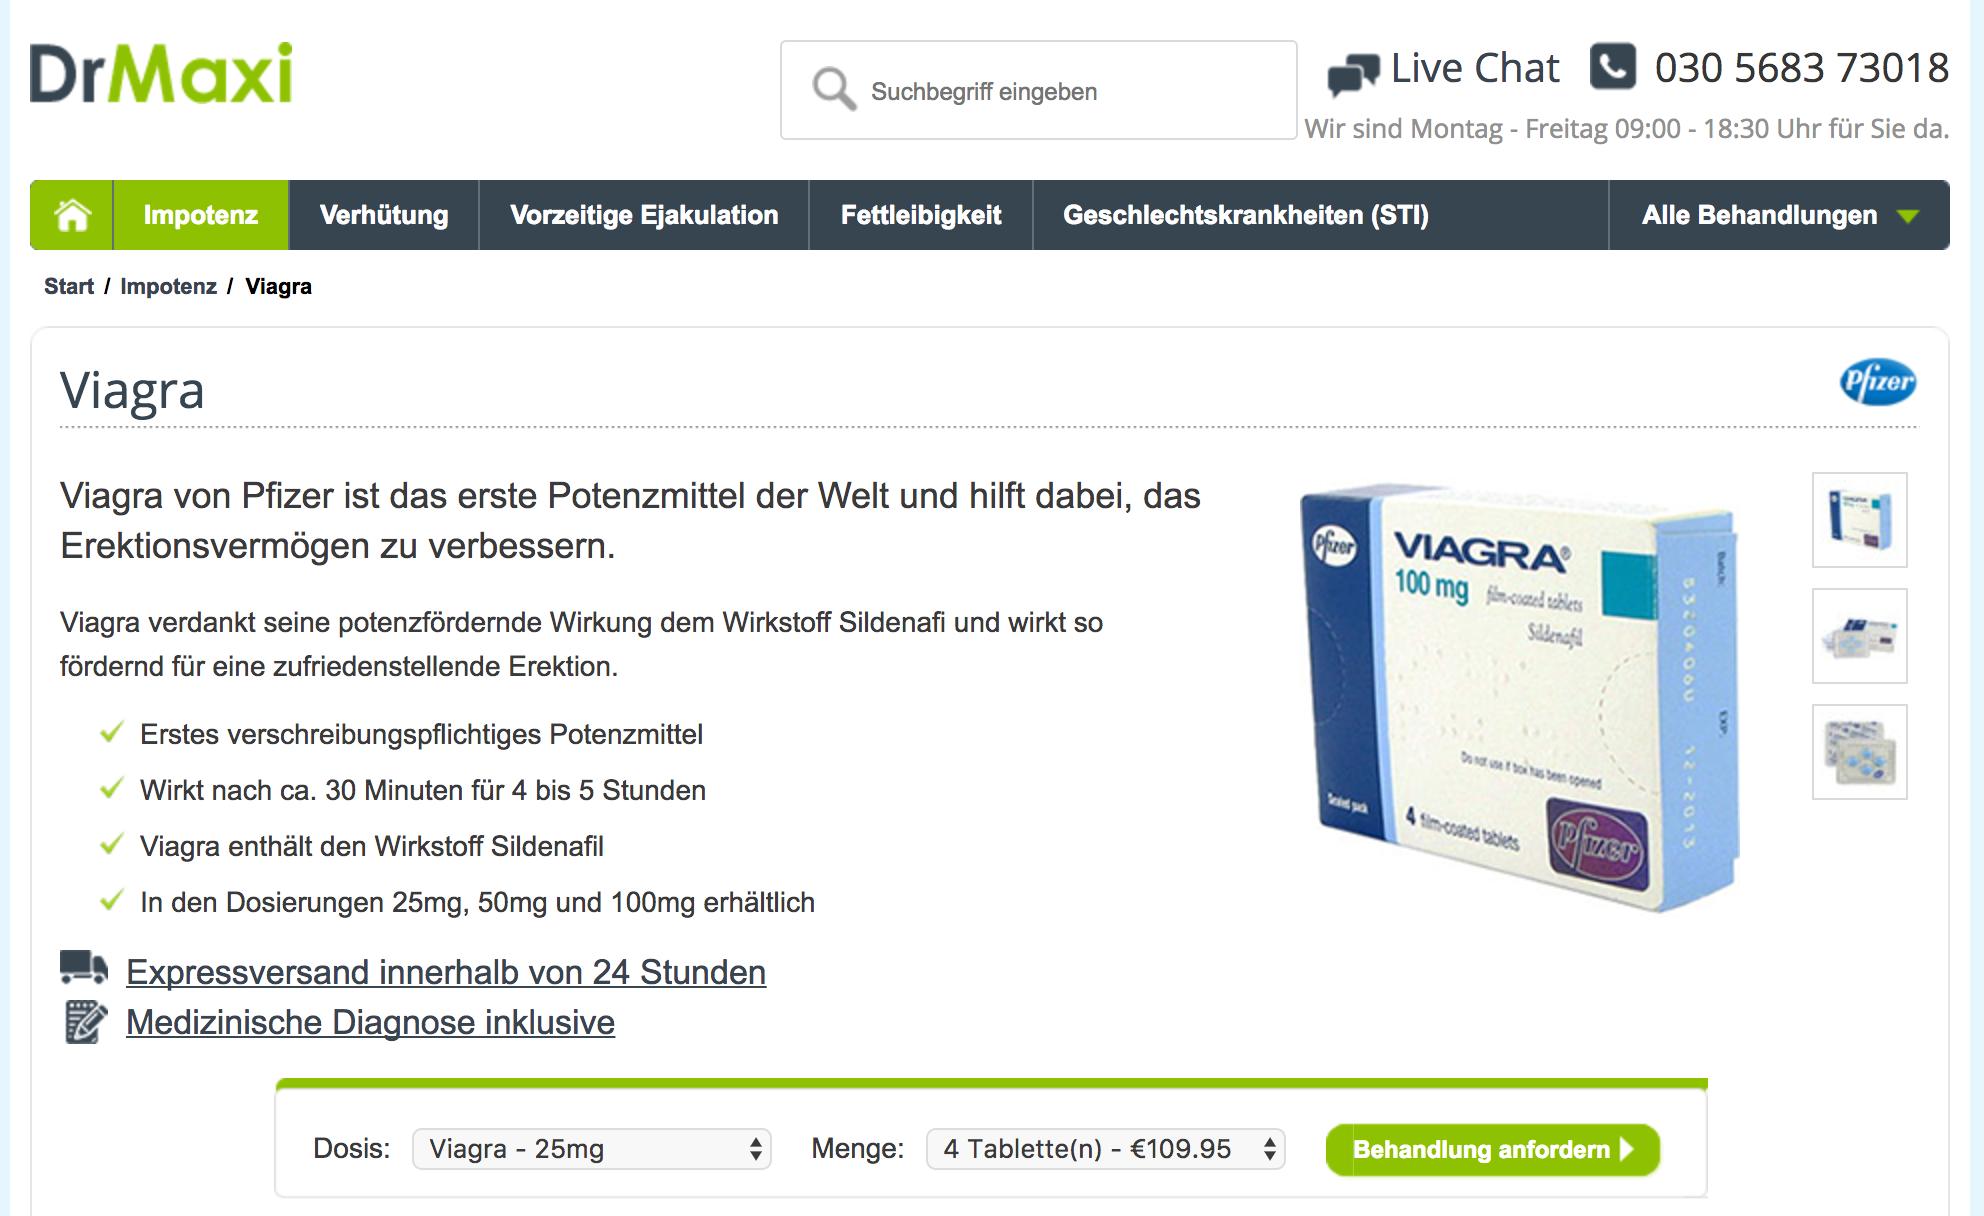 Wo kann man Viagra kaufen - 3 Wege um Viagra kaufen zu k